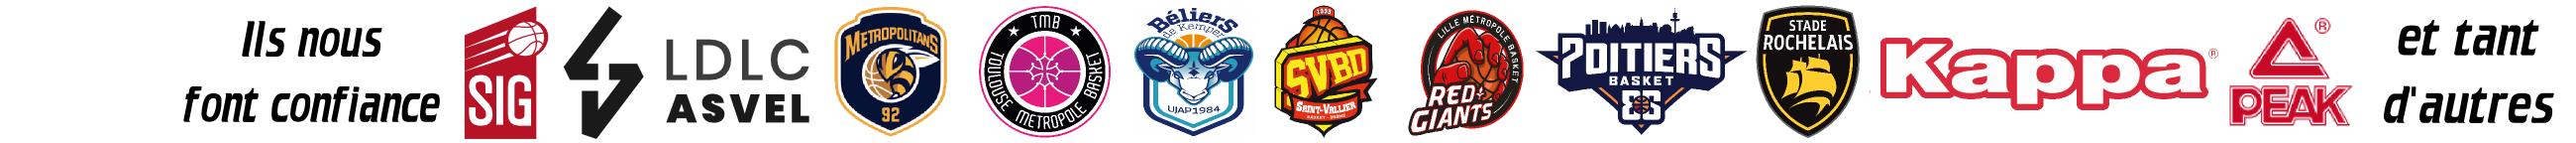 basket-market.fr site internet basket pour tous et toutes